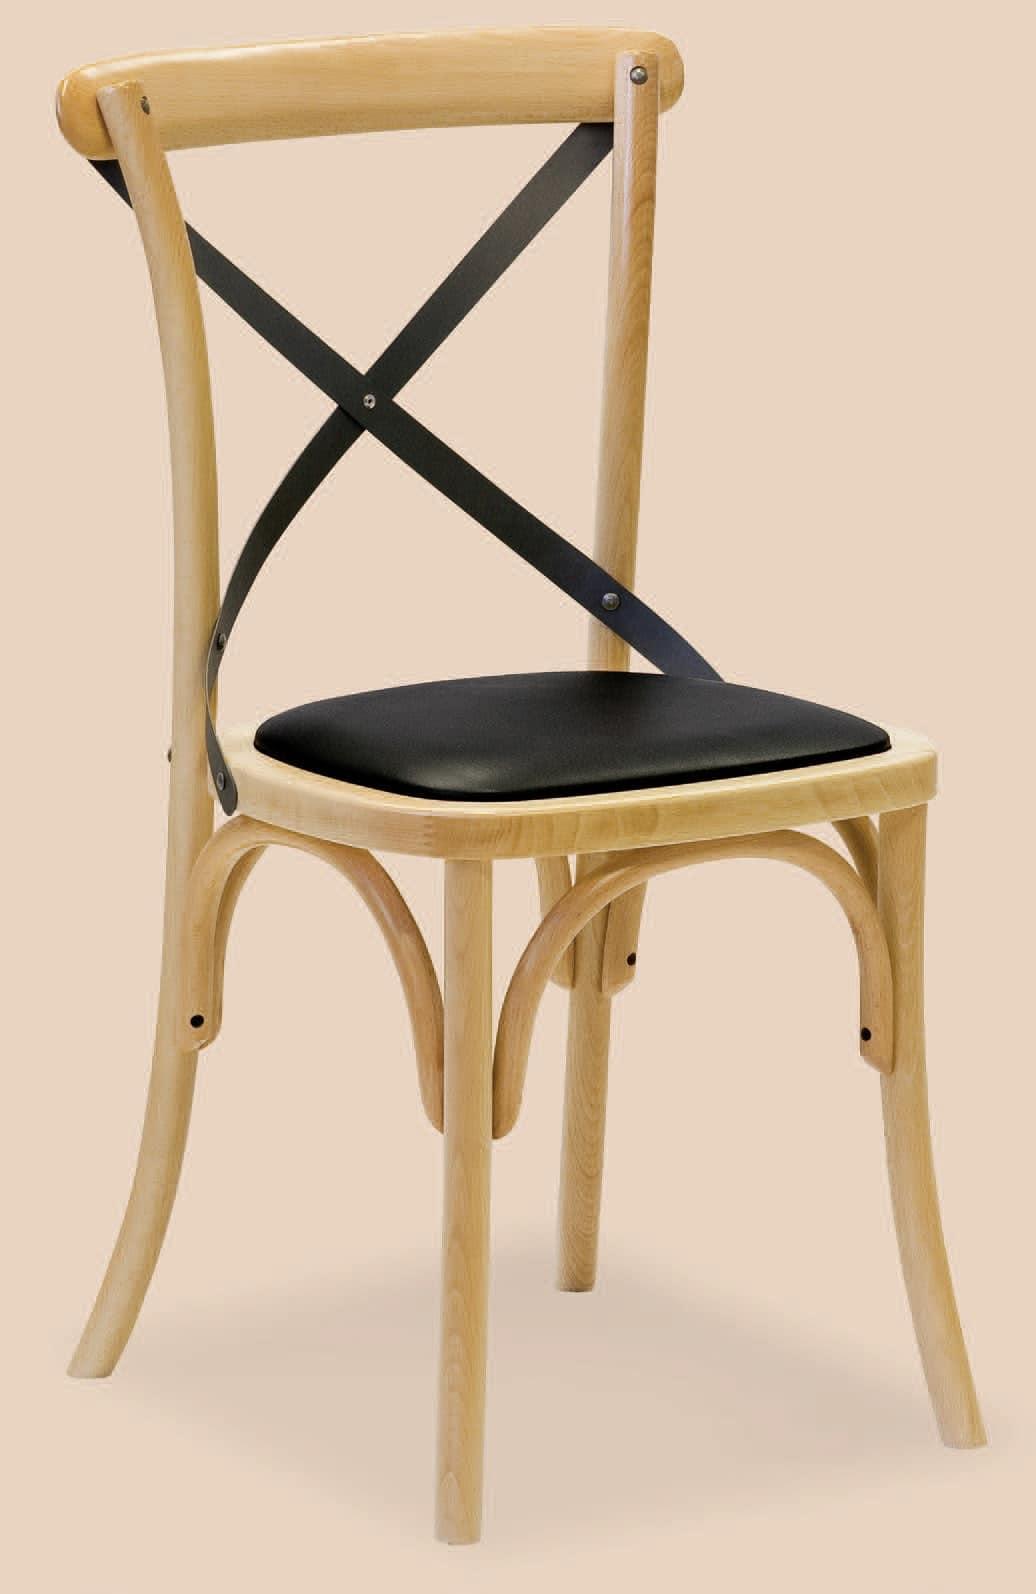 SE 431 / M, Sedia con seduta imbottita,  in legno curvato